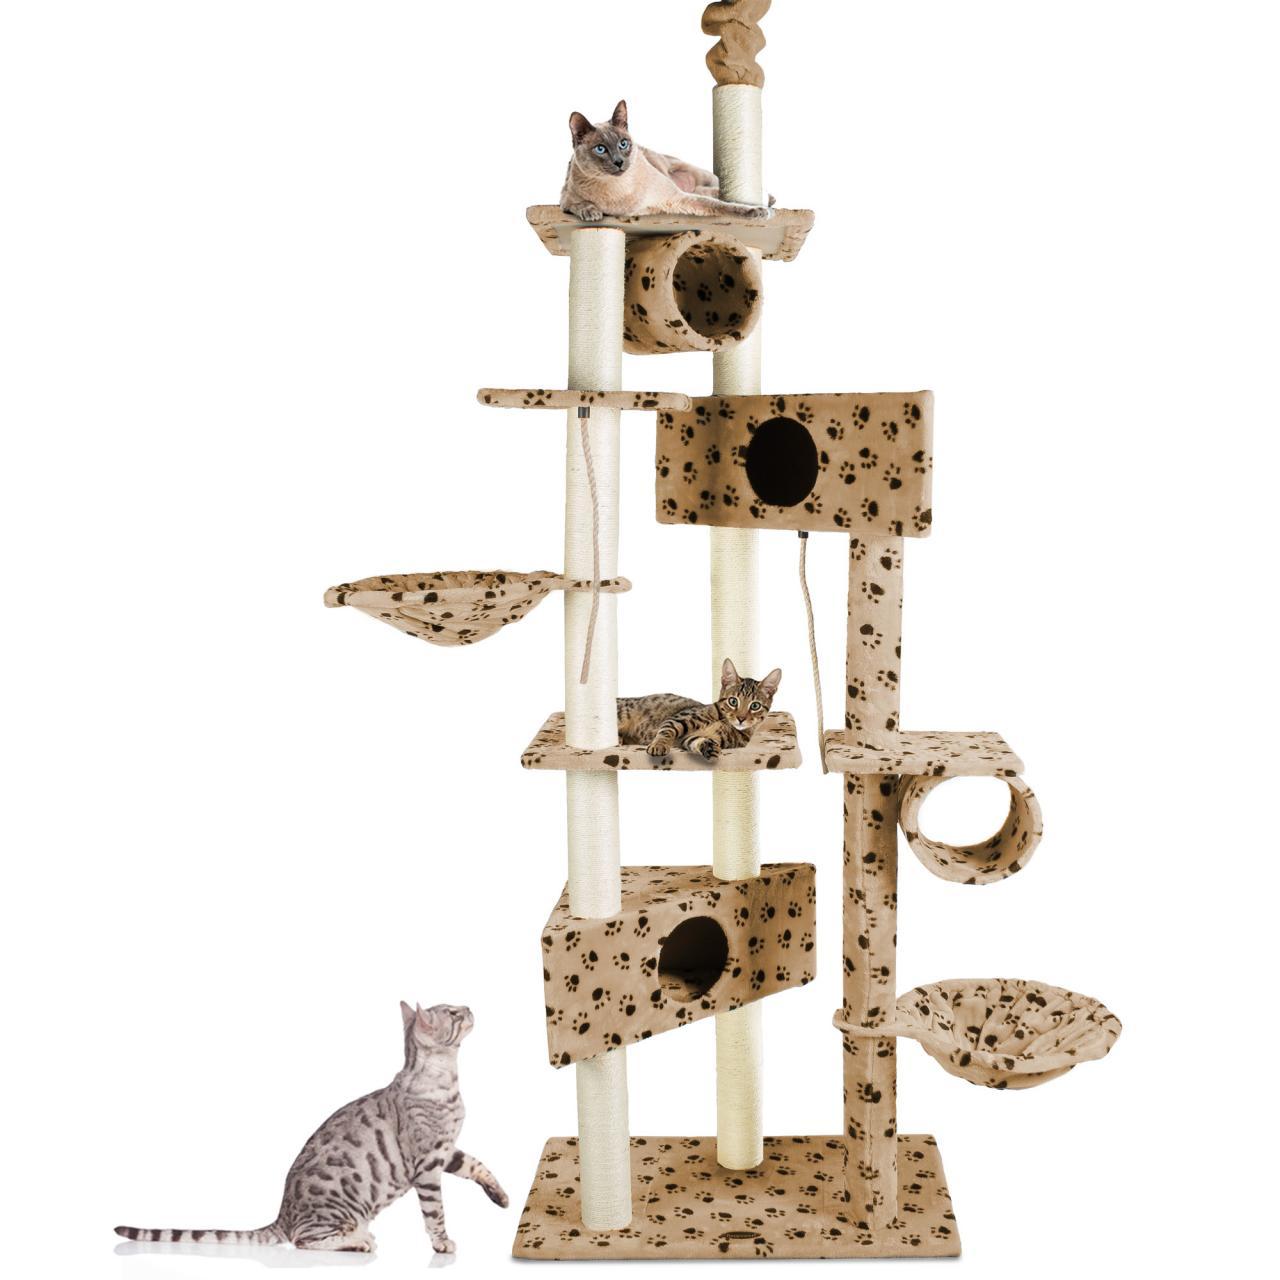 cat012 luxus kratzbaum katzenkratzbaum katzenbaum katzen. Black Bedroom Furniture Sets. Home Design Ideas